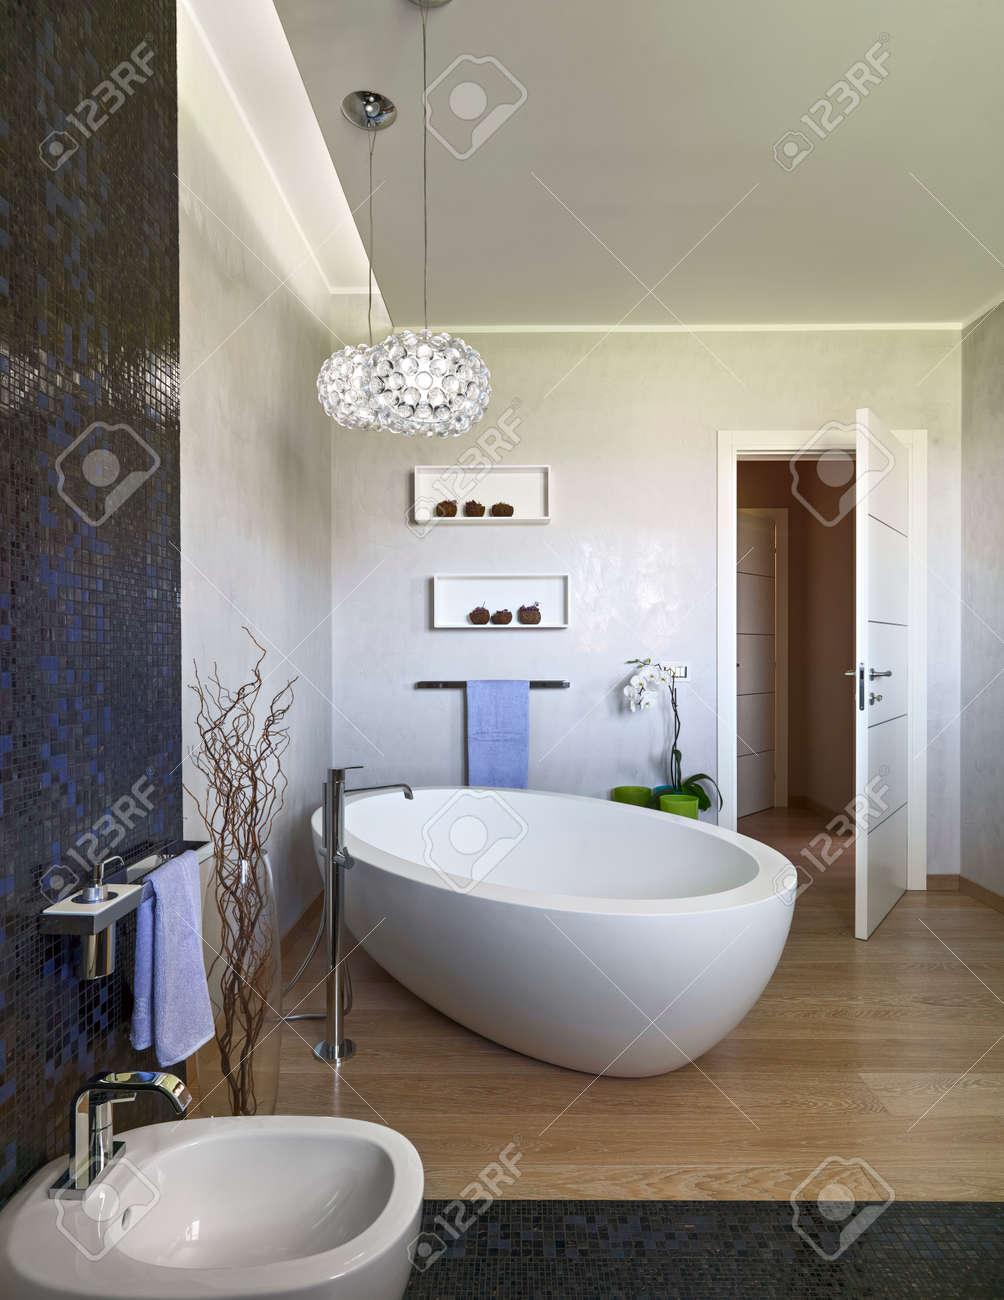 Vasche Da Bagno Moderne.Foeground Di Una Vasca Da Bagno Nel Bagno Moderno Wgich Foor E Fatto Di Legno